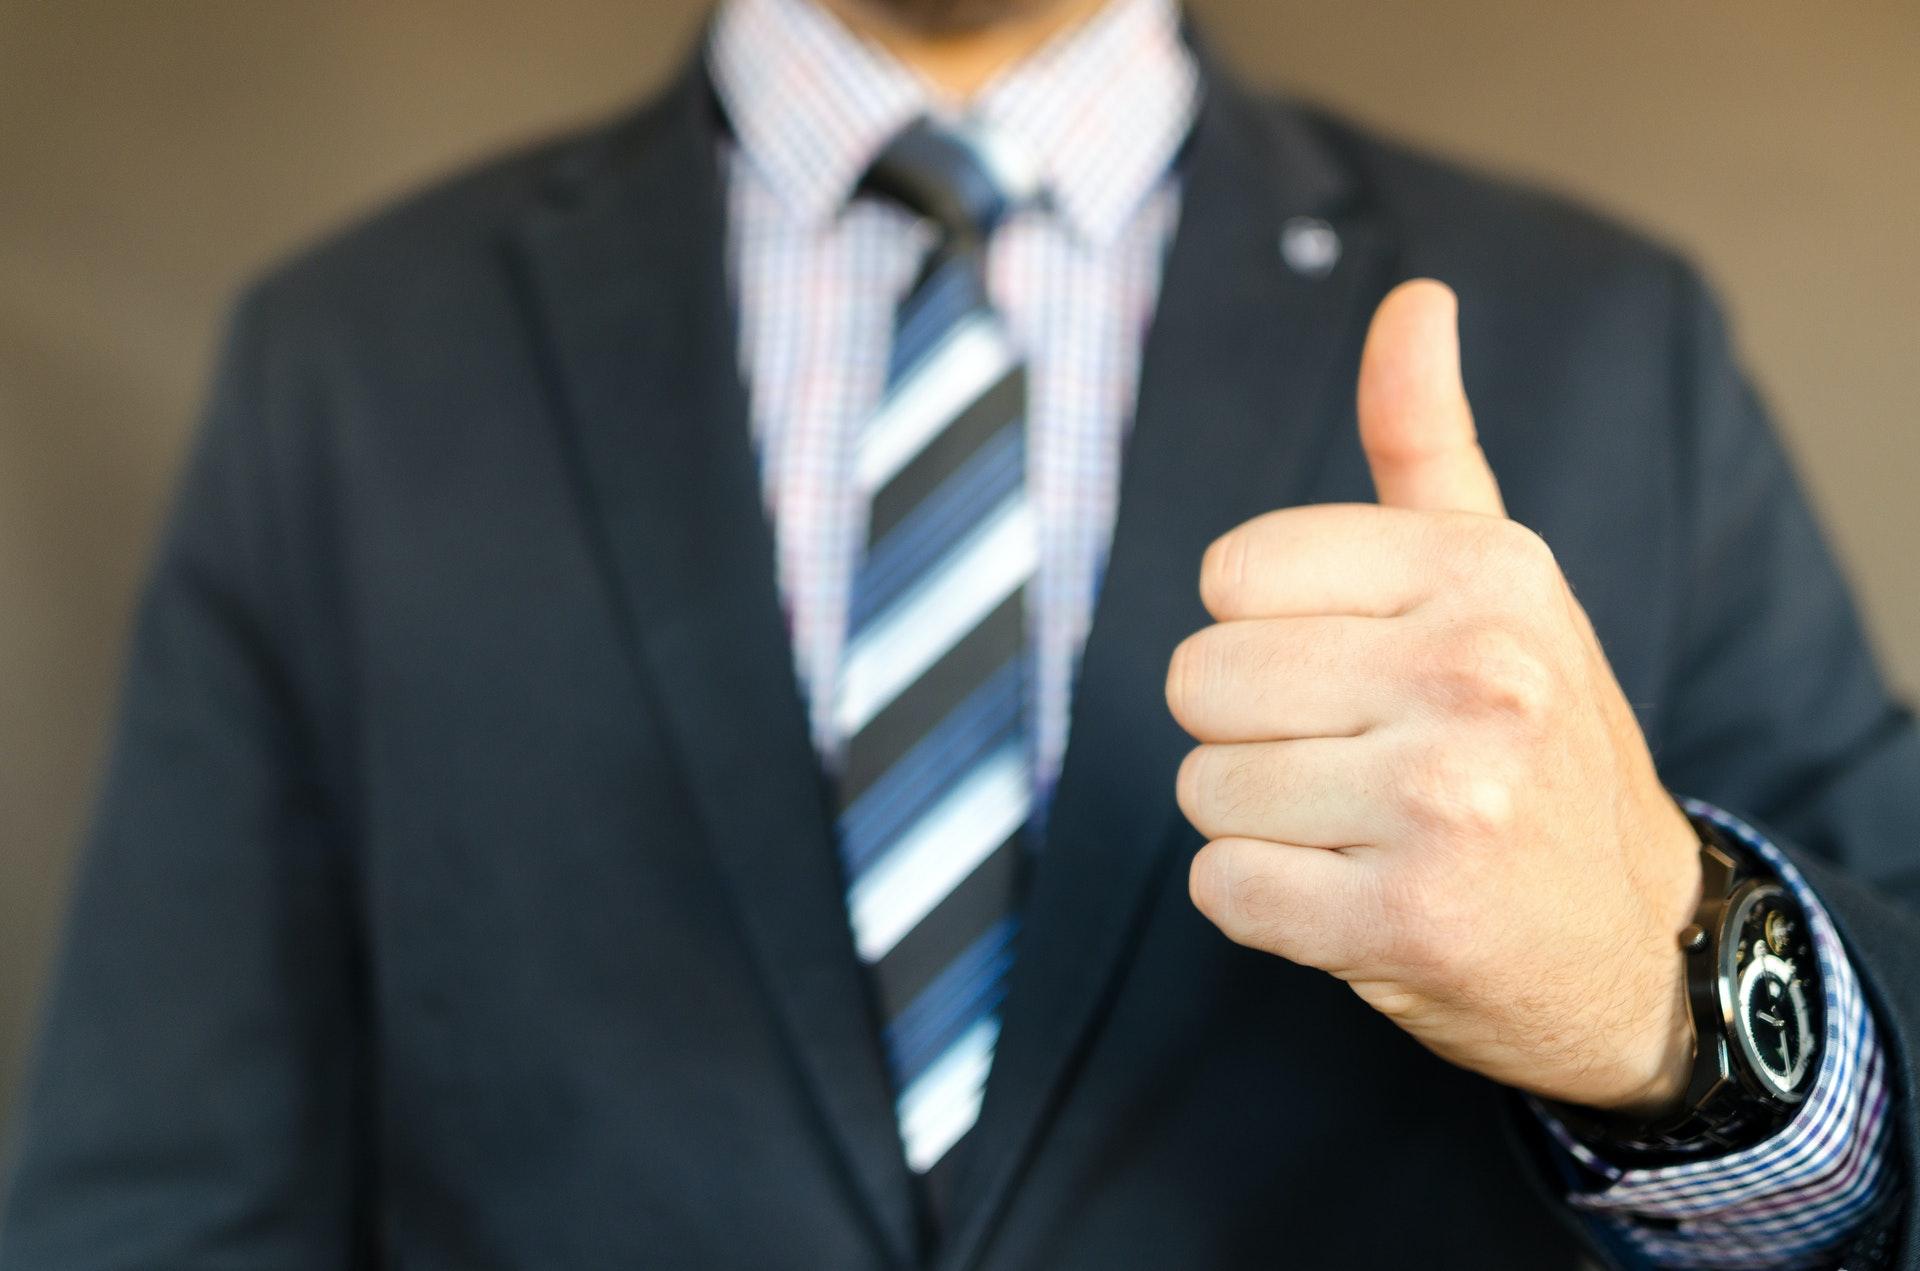 親指をたてるスーツの男性